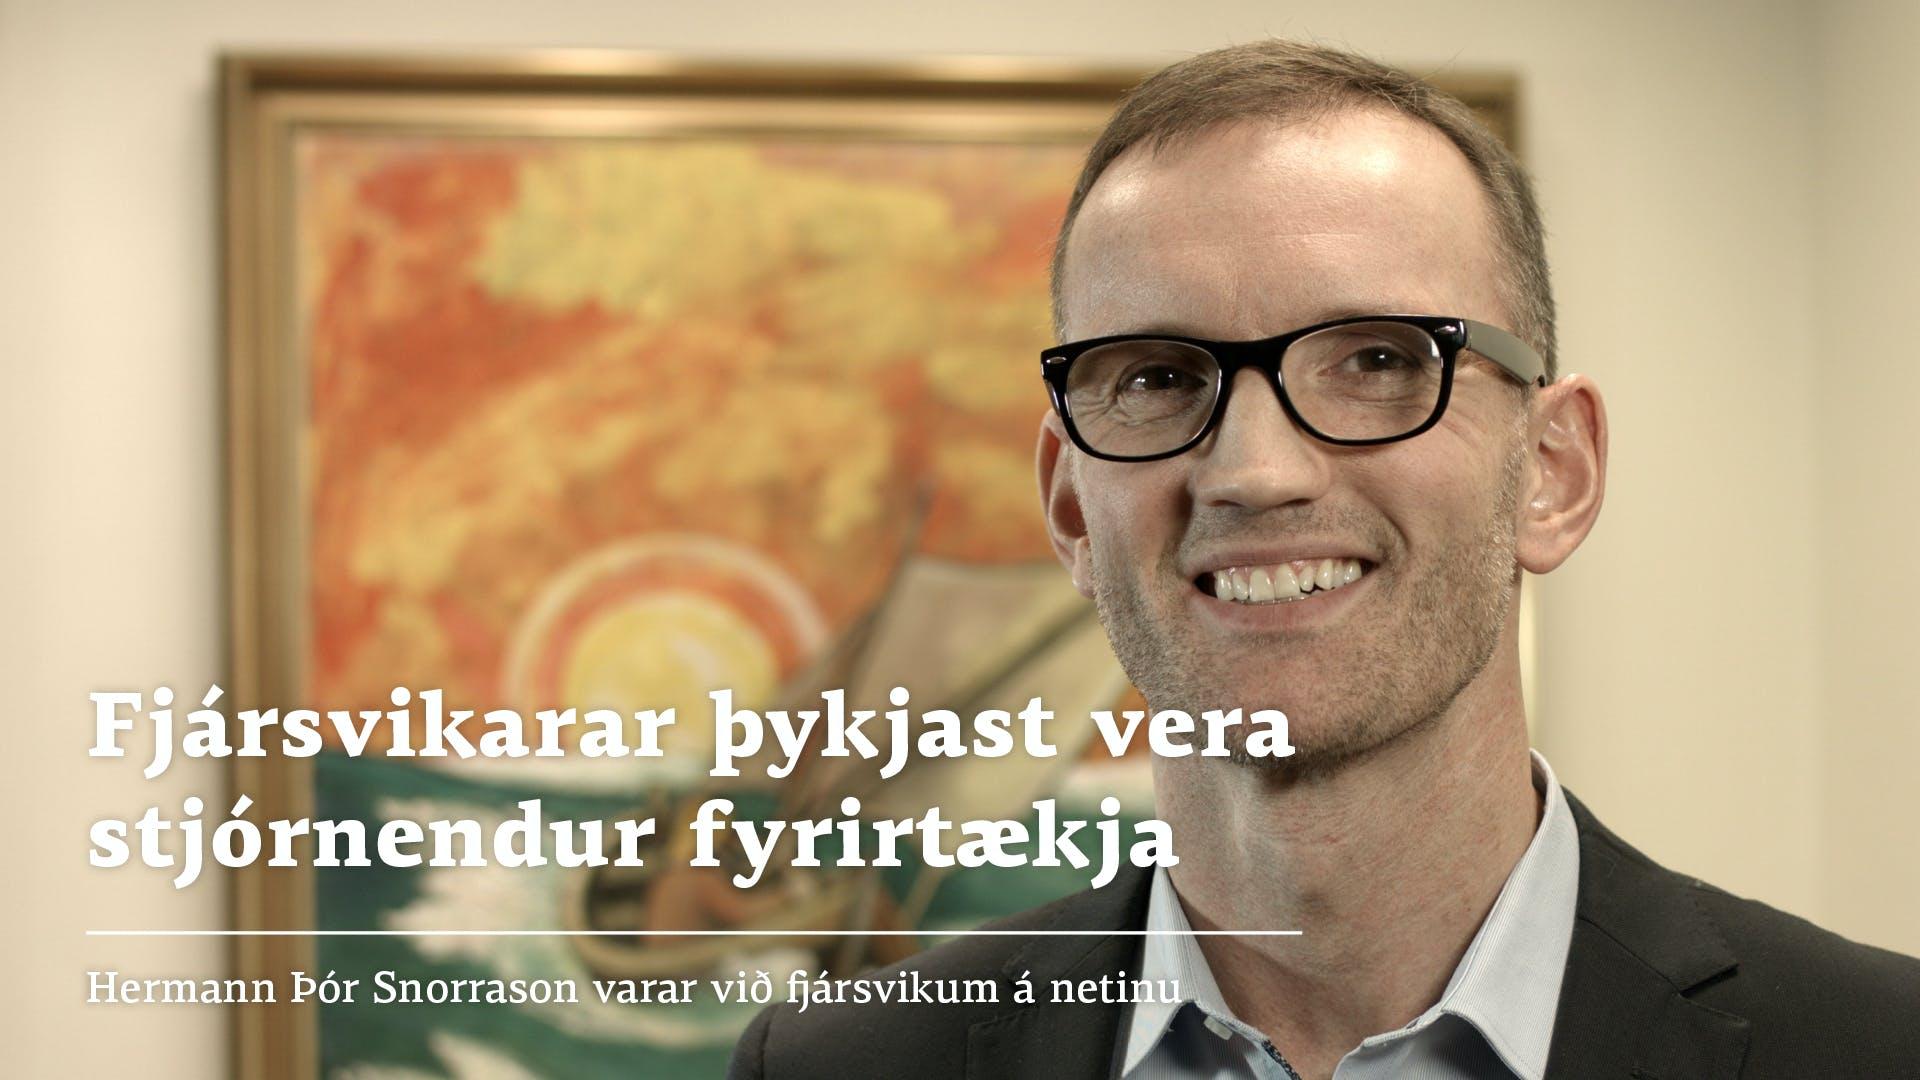 Hermann Þór Snorrason upphafsskjár